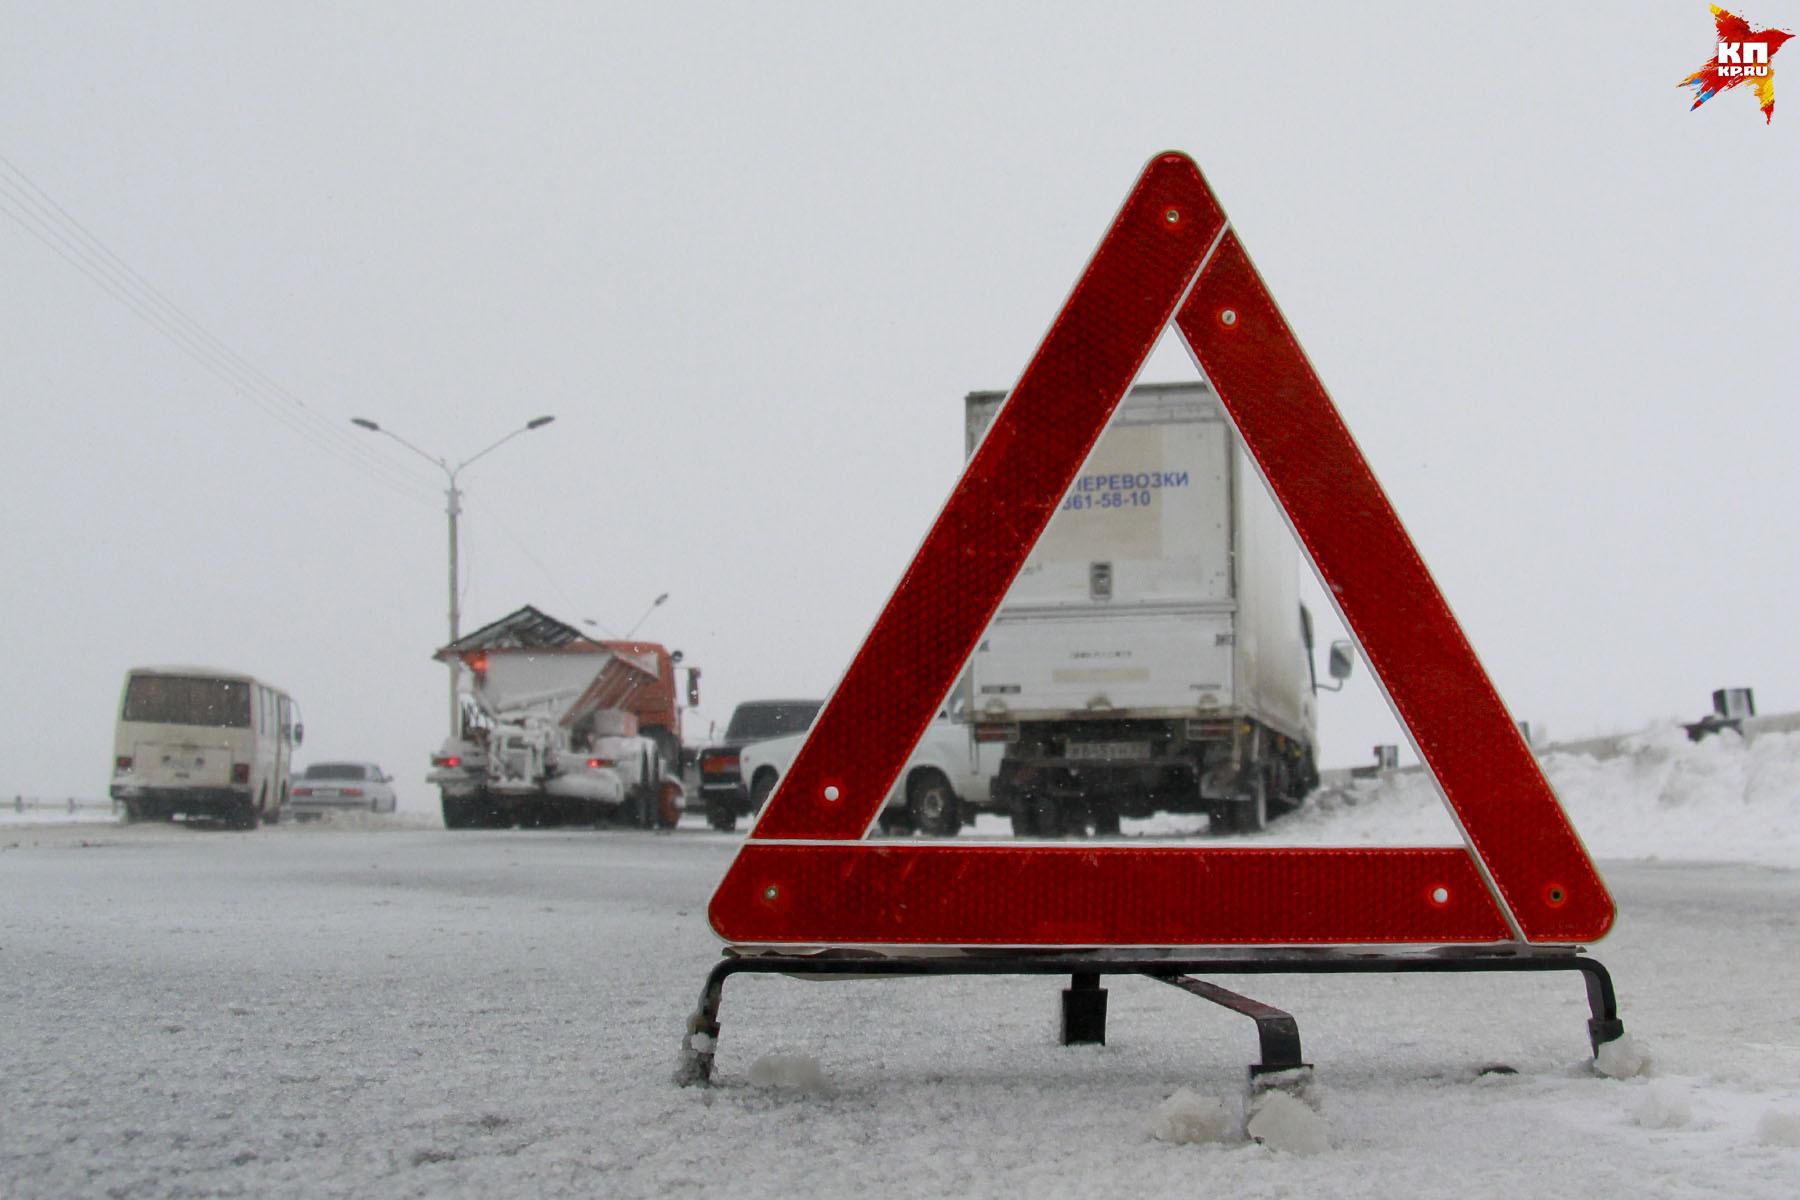 ВОмске умер шофёр иномарки, столкнувшейся на«встречке» спассажирским автобусом